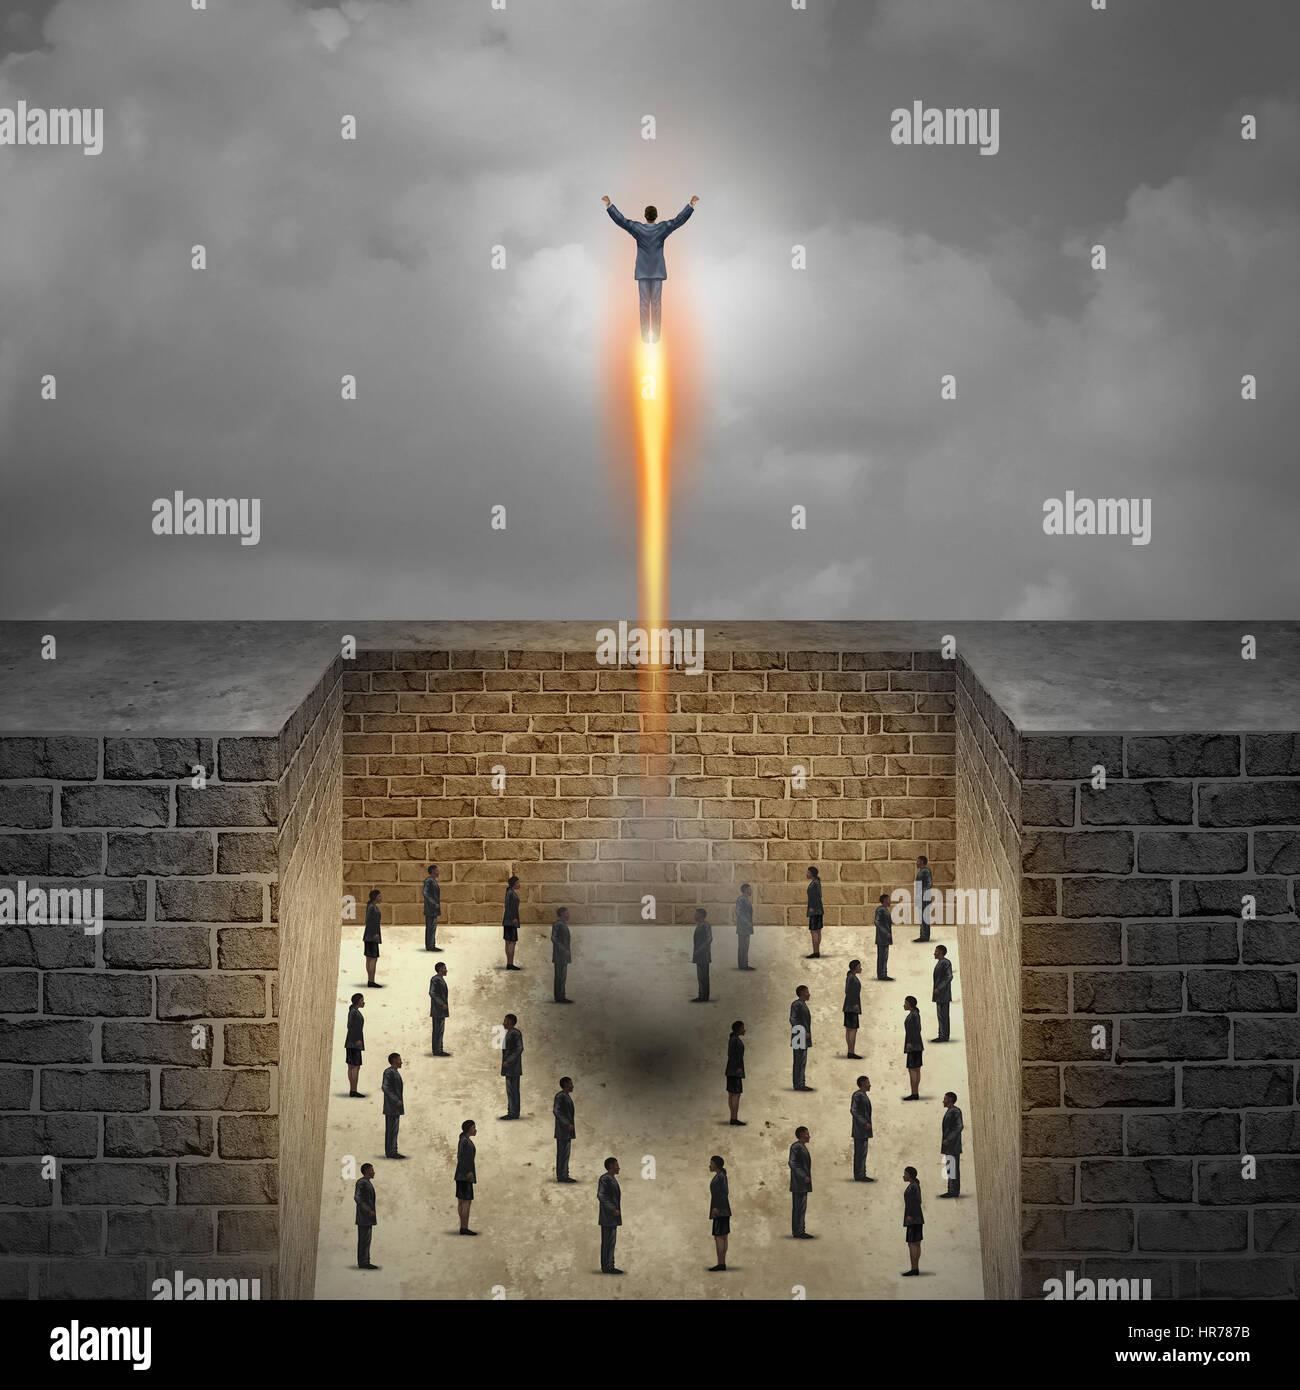 Carriera di boost concetto di business come un uomo di affari decollare come un razzo da un gruppo di società Immagini Stock